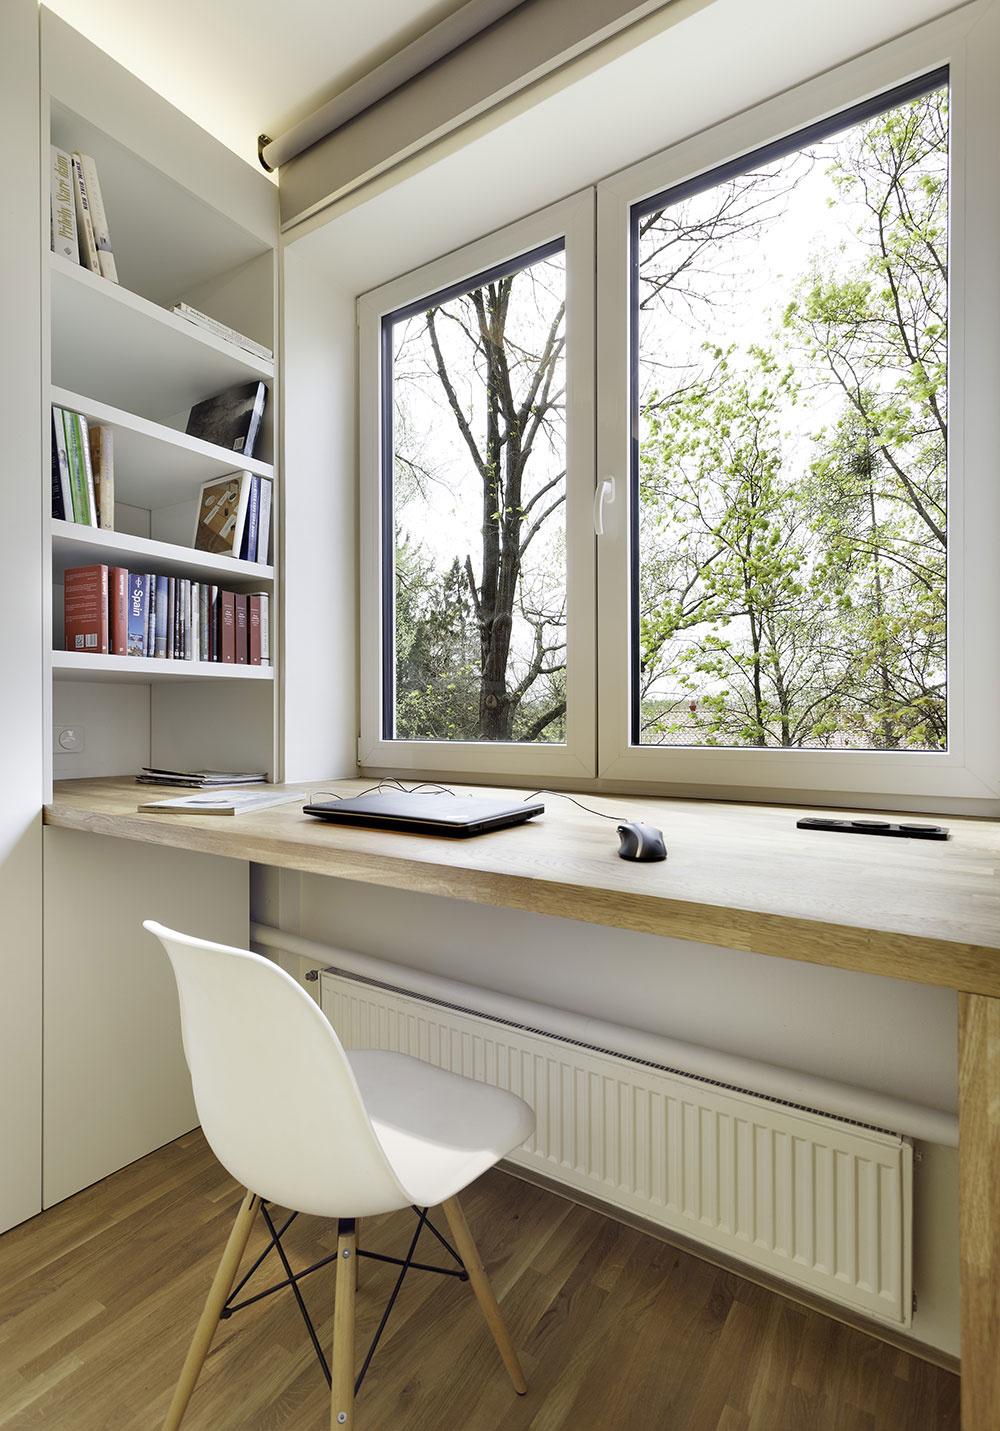 pracovný stolík v detskej izbe s výhľadom